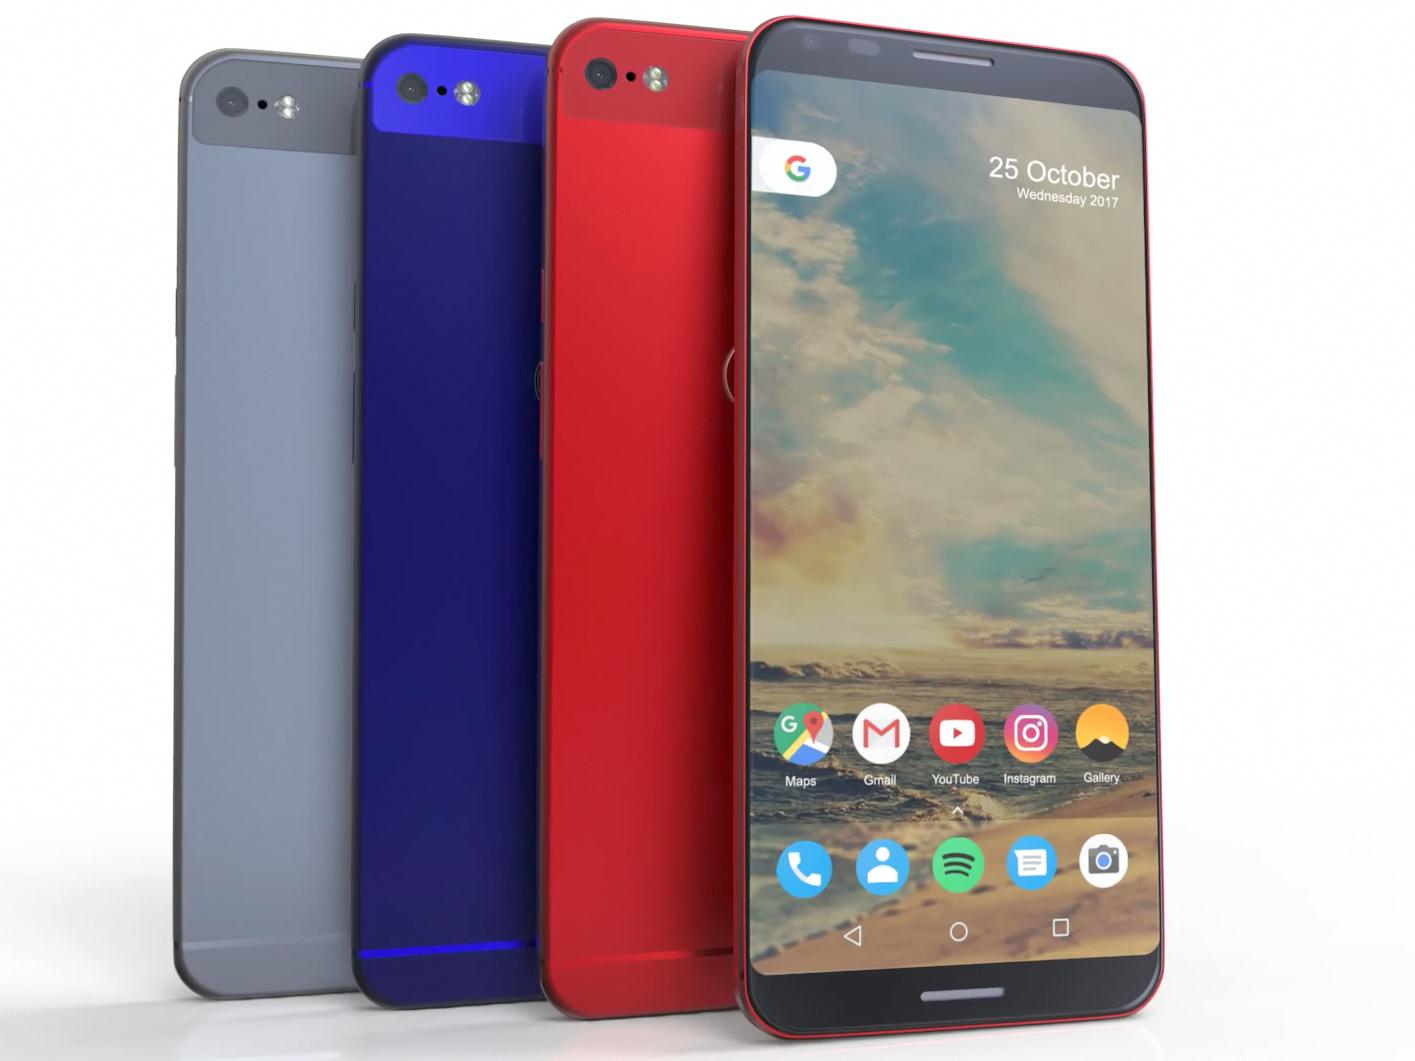 google pixel 2 rumor roundup release date in october 4 specs features business insider smartphone smartphone gadget pixel cell phone pinterest